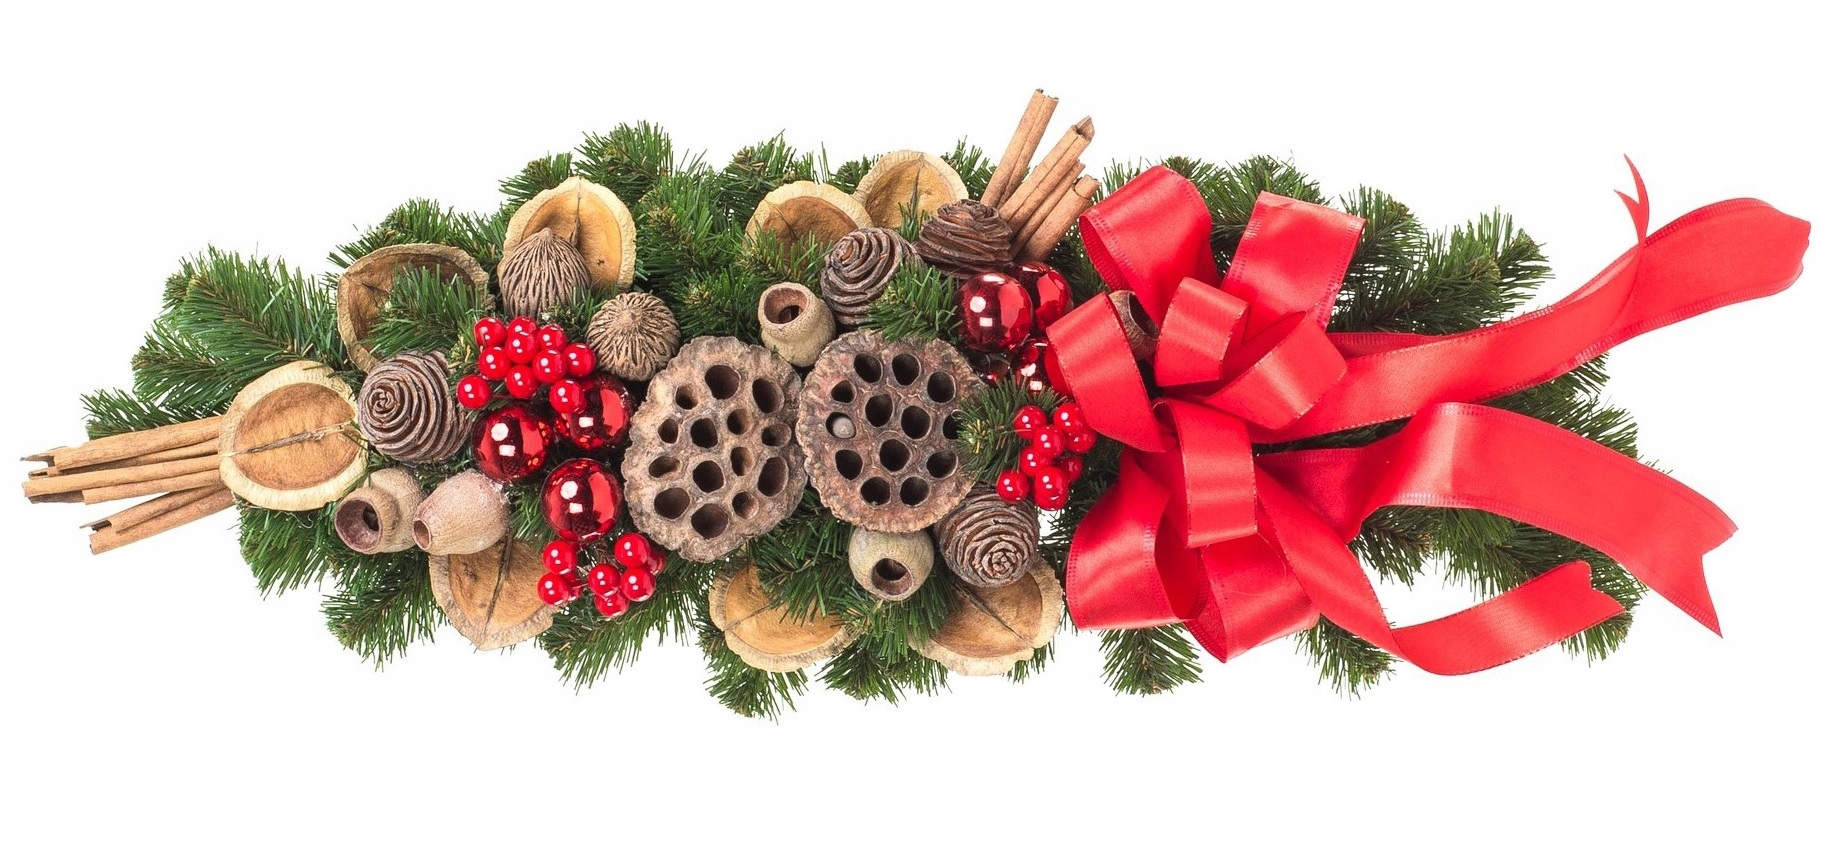 Croissant vianočná dekorácia Červená 60cm